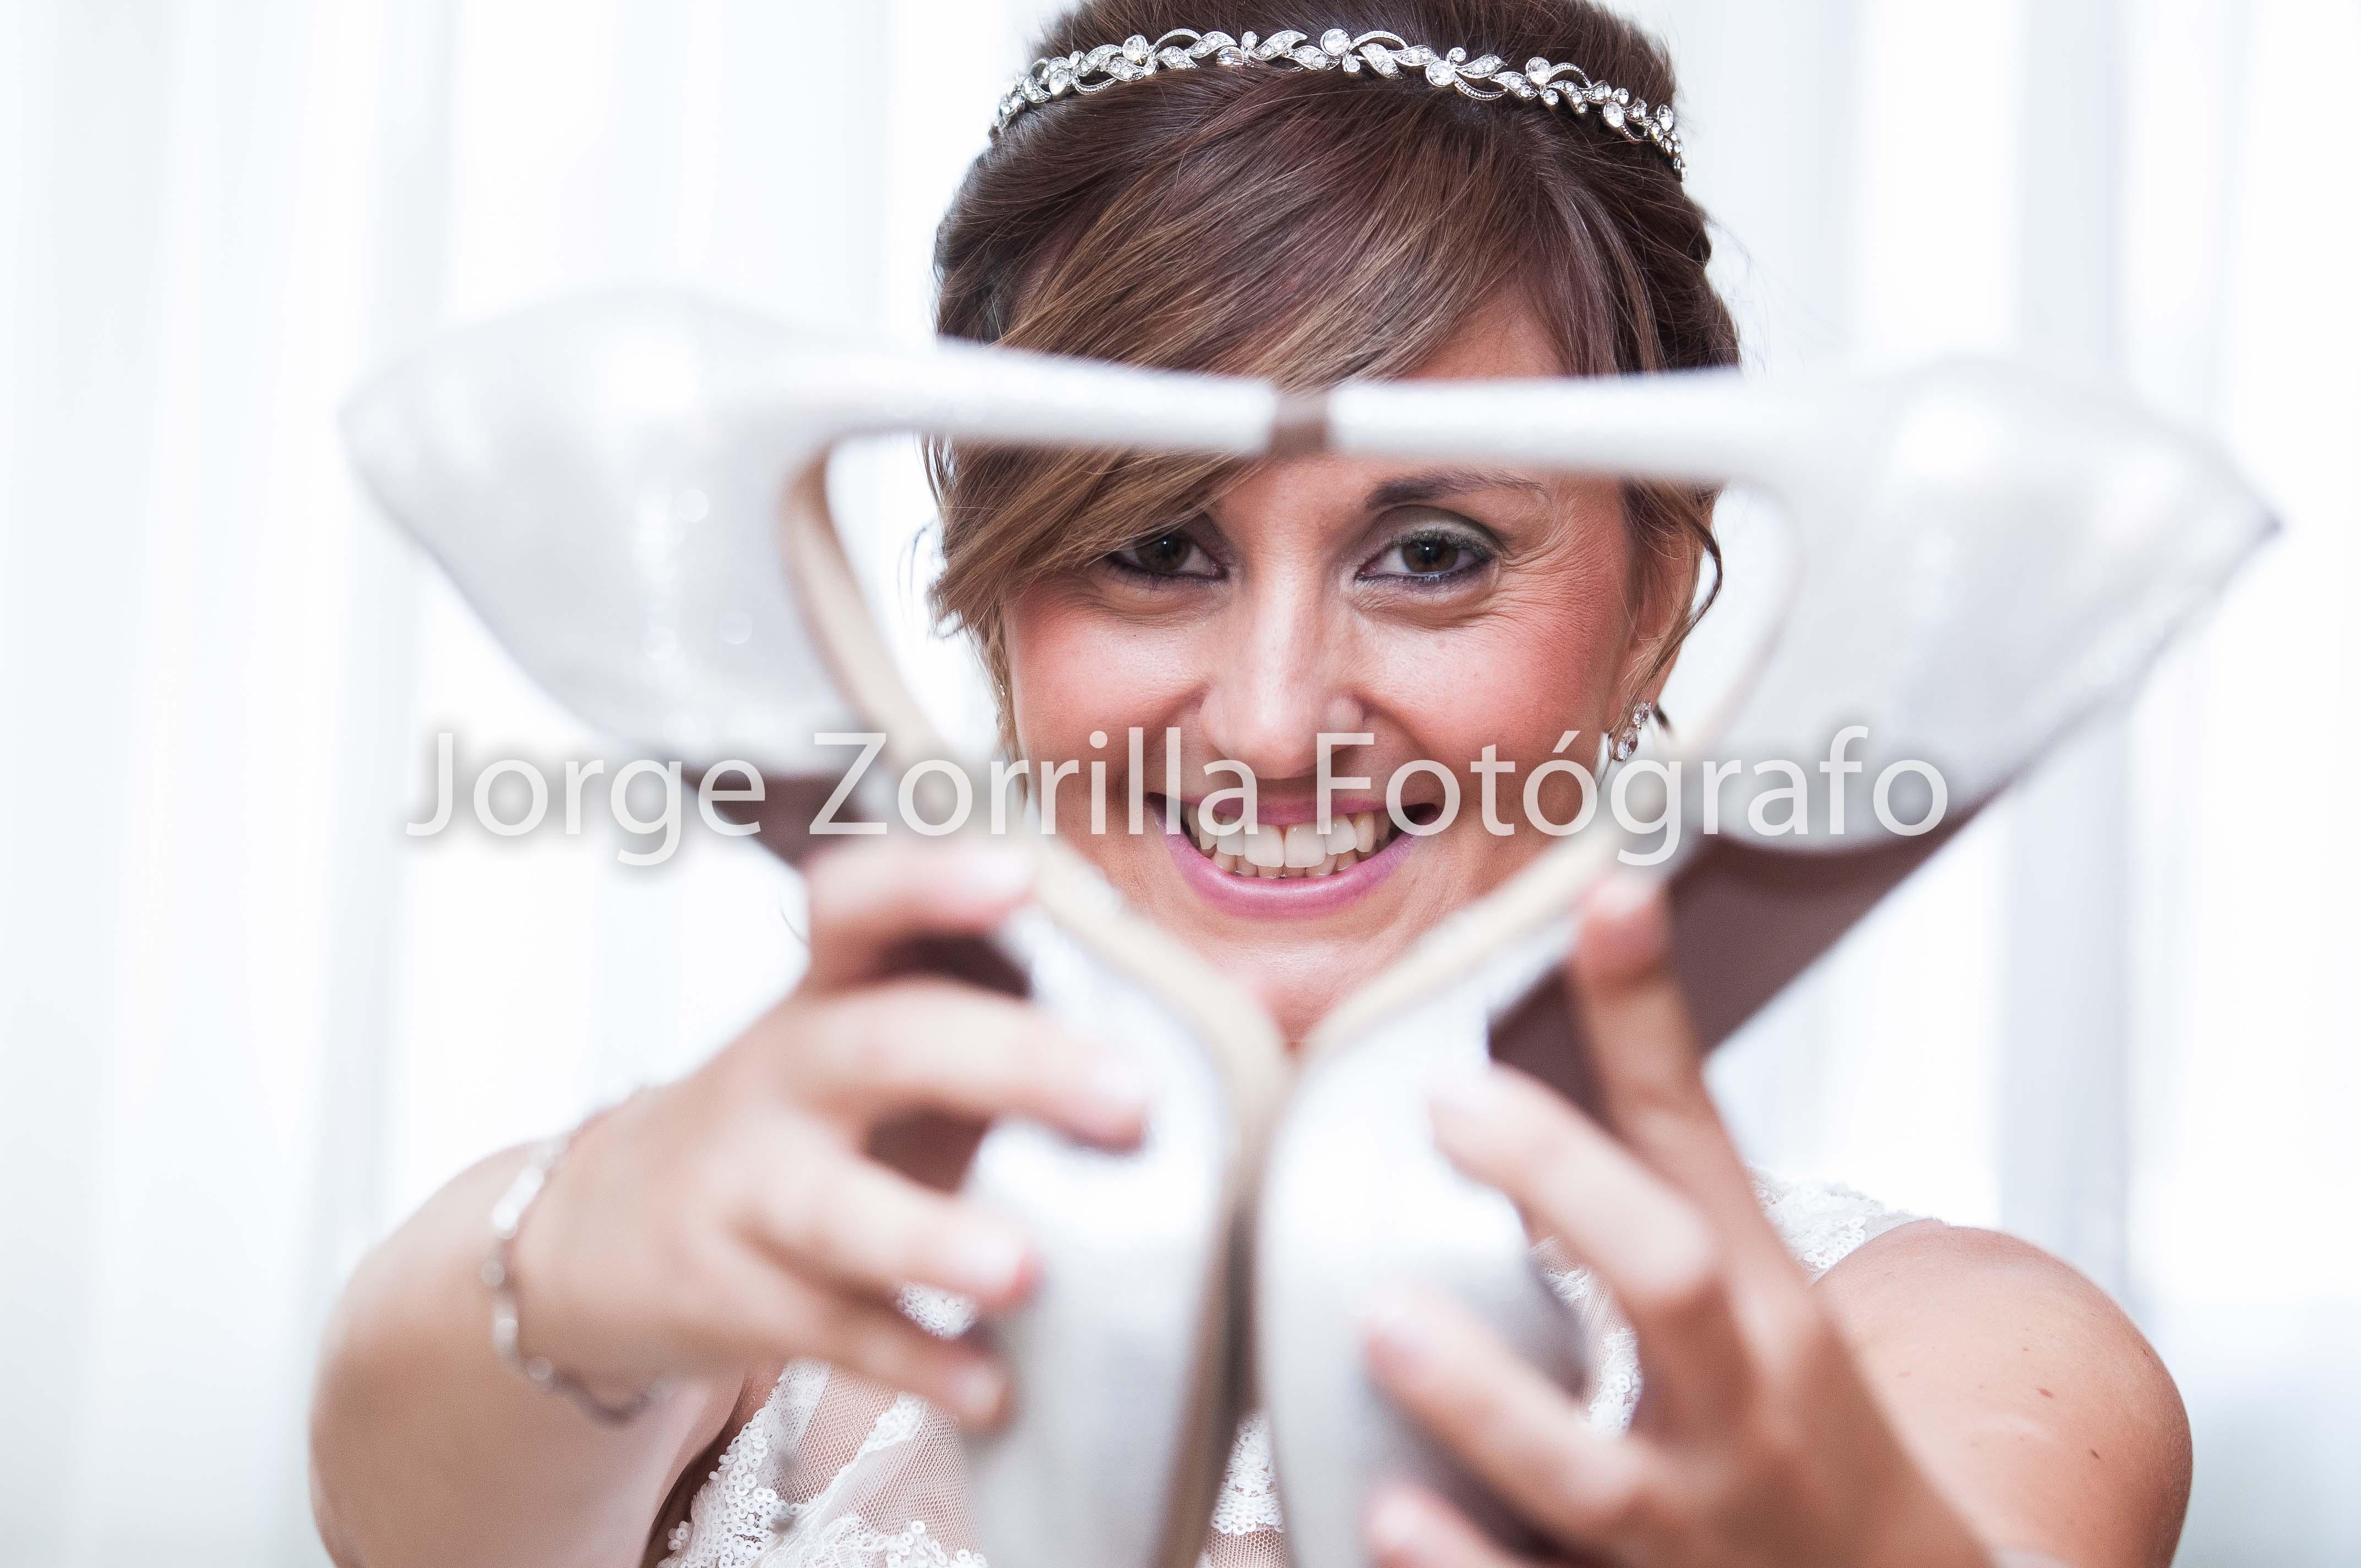 Jorge Zorrilla Fotografo Profesional